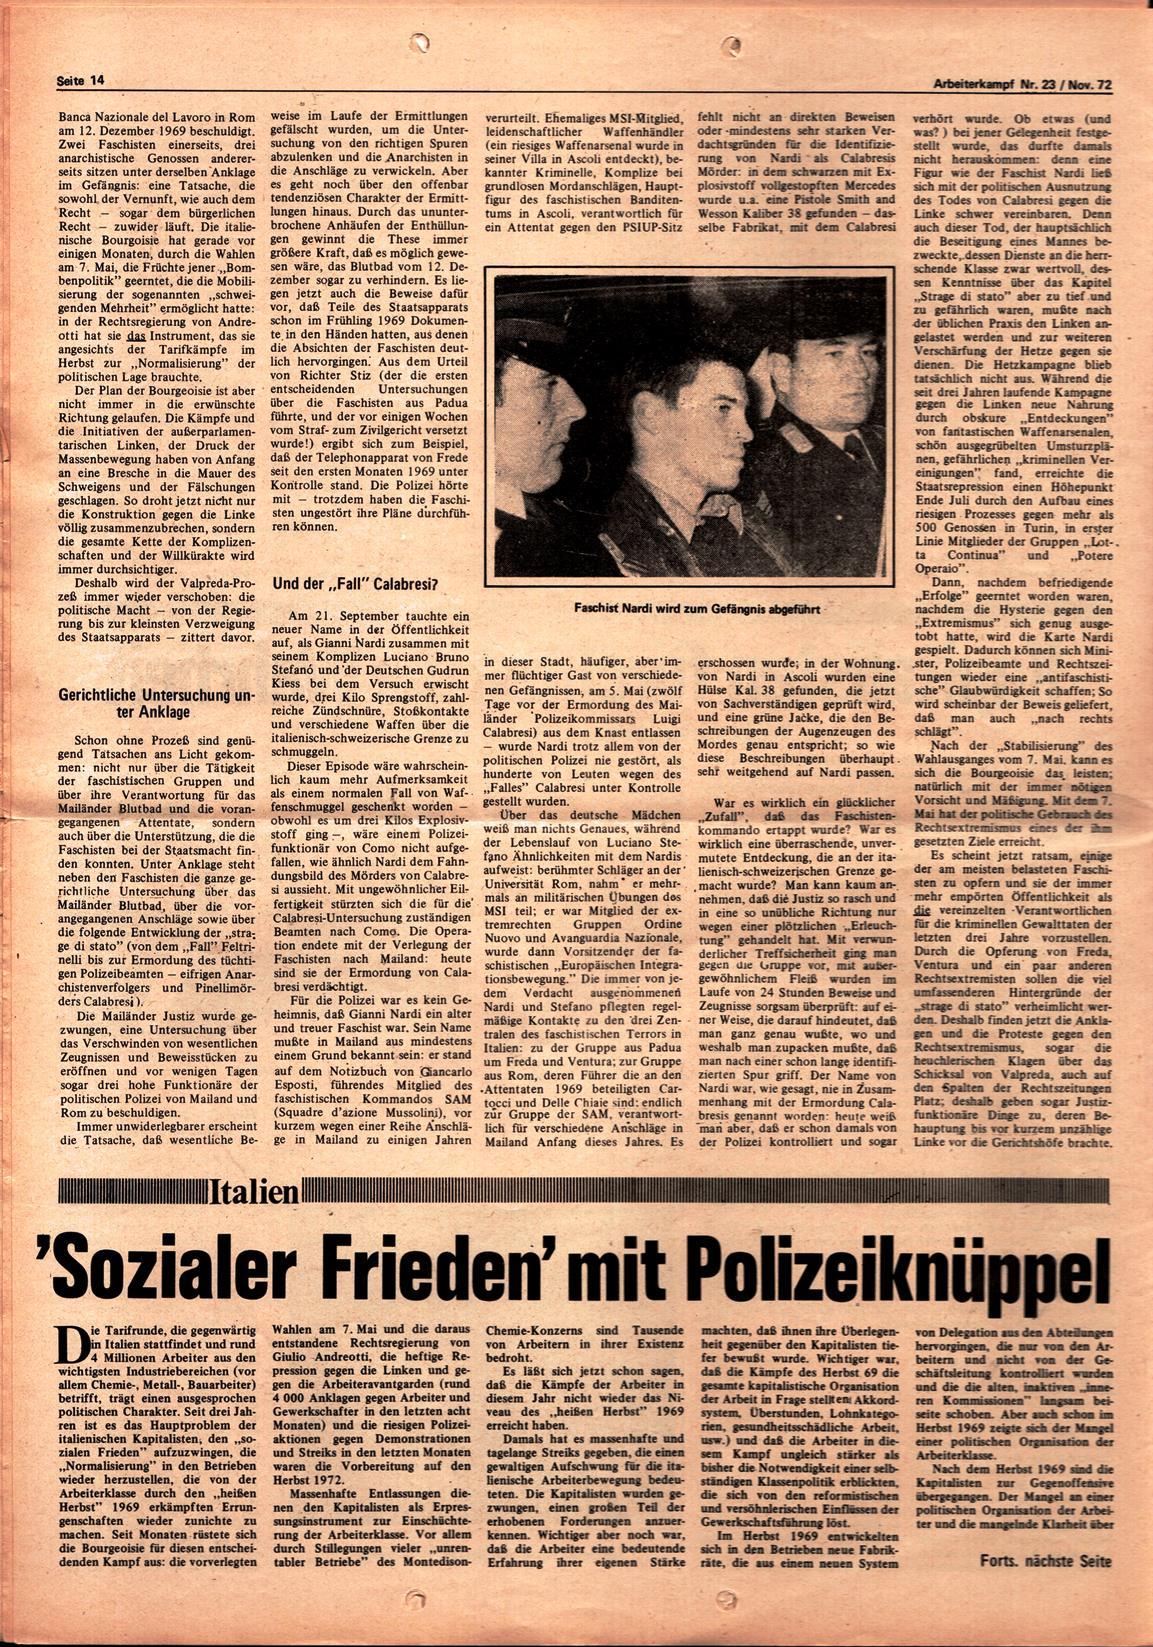 KB_AK_1972_023_014